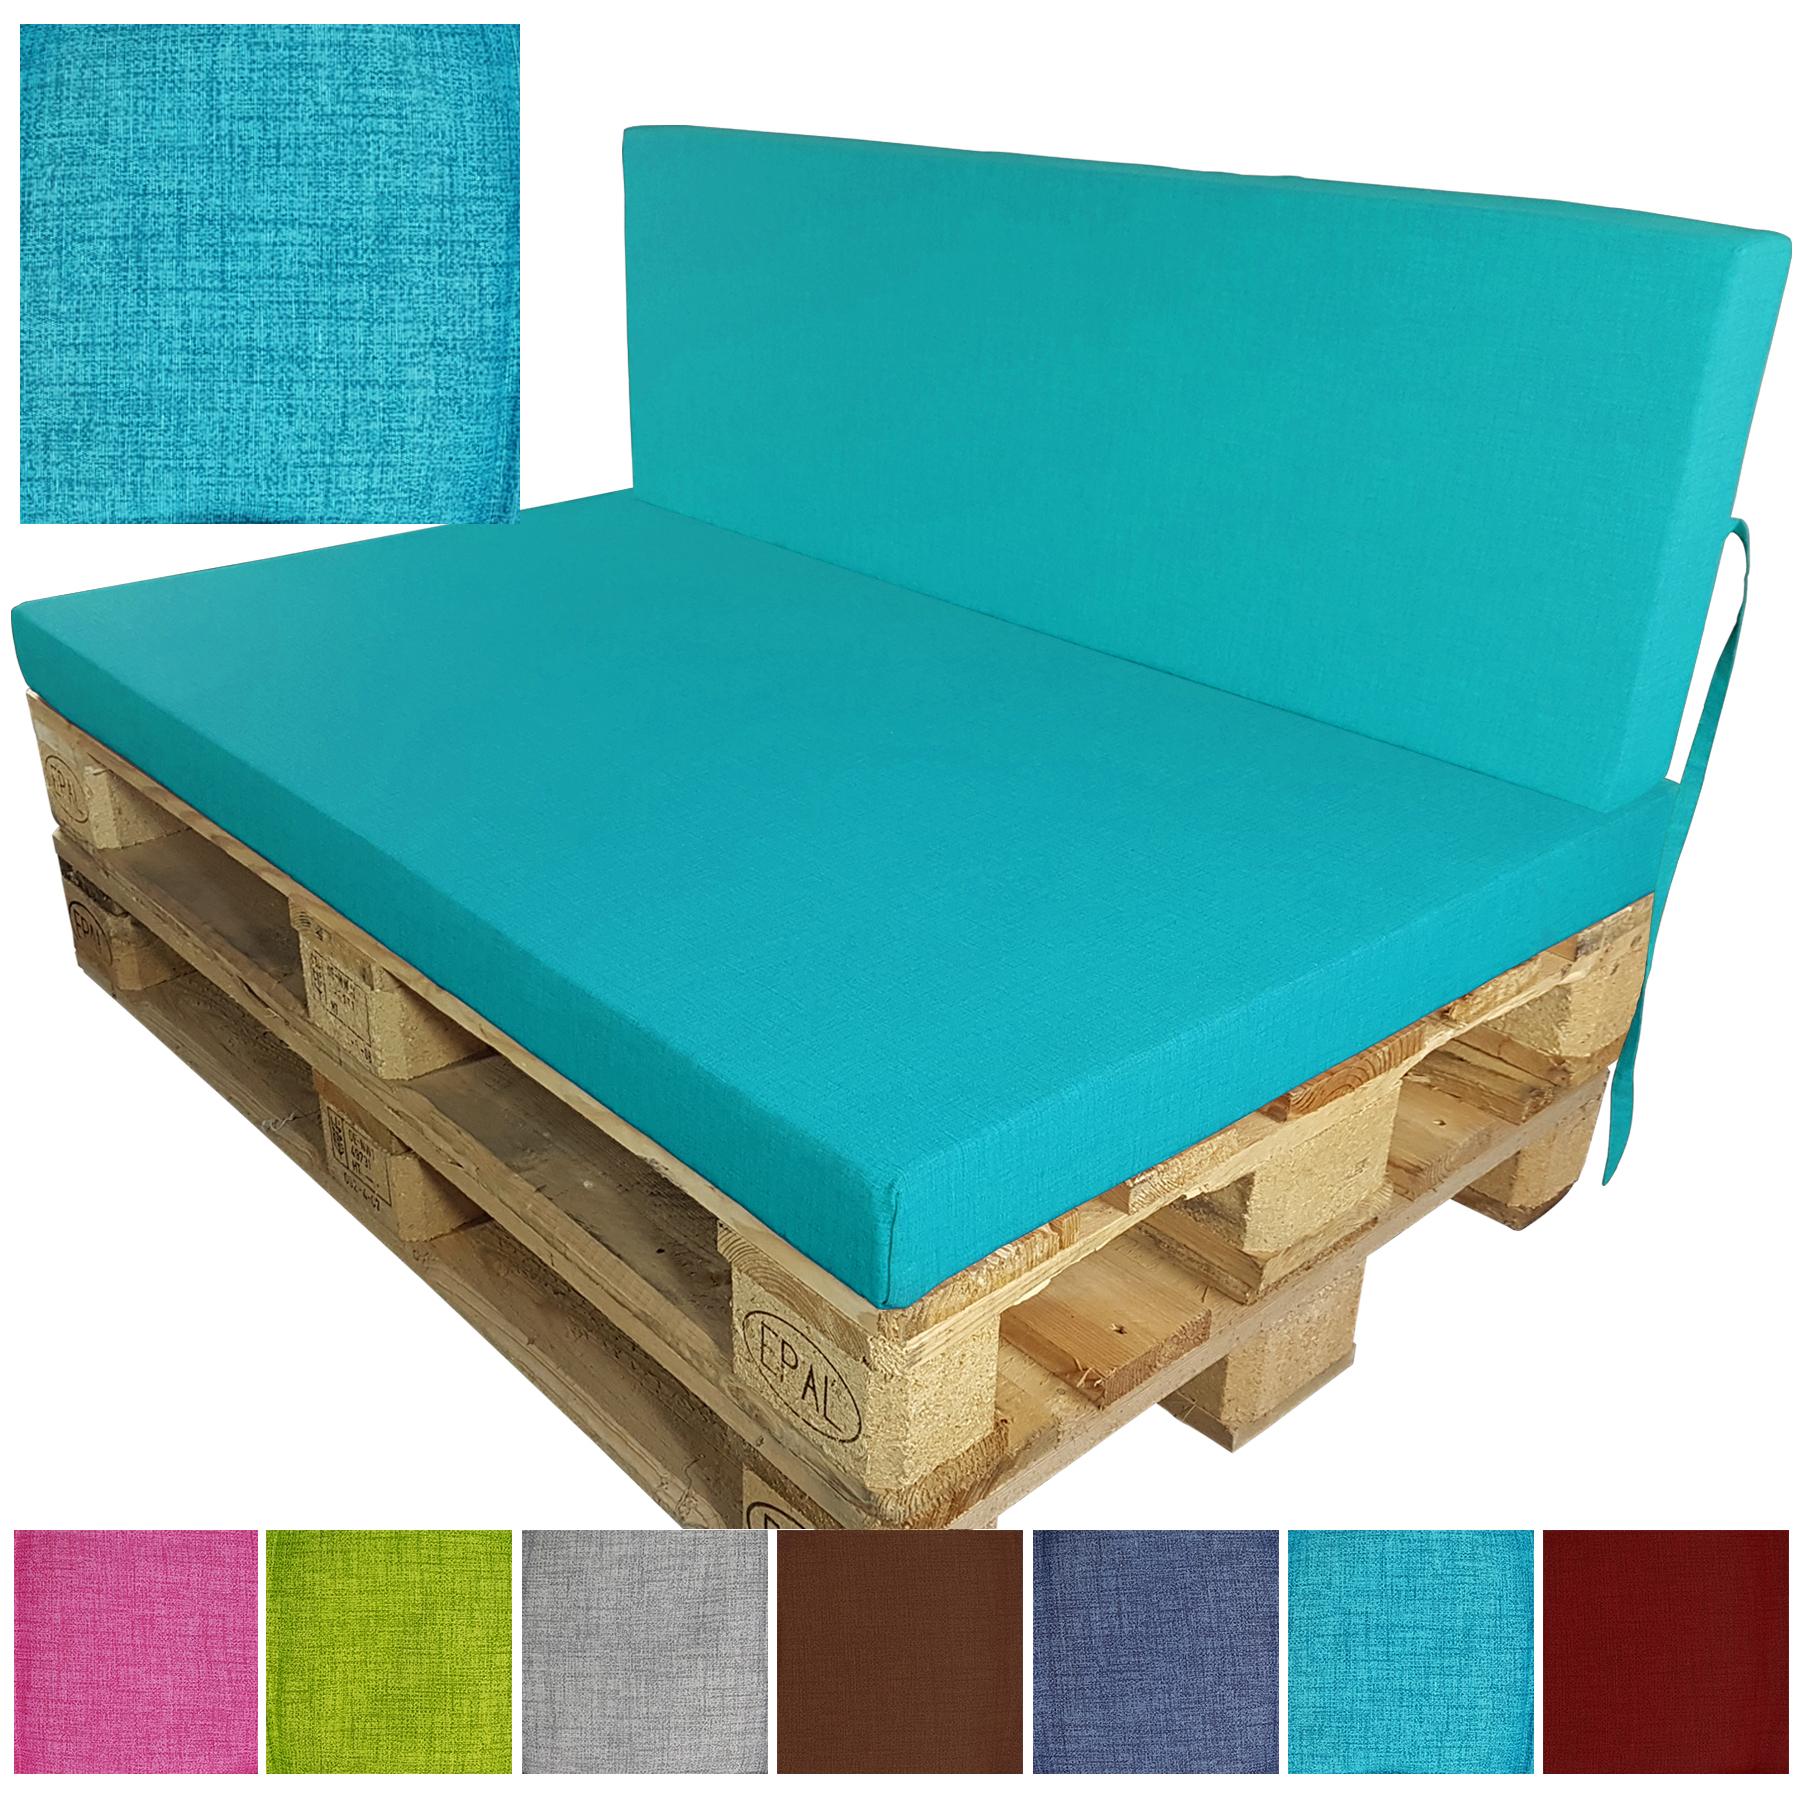 Coussin De Dossier Pour Palette Europe 120X40X8 Cm Turquoise ... concernant Coussins Exterieur Pour Palette